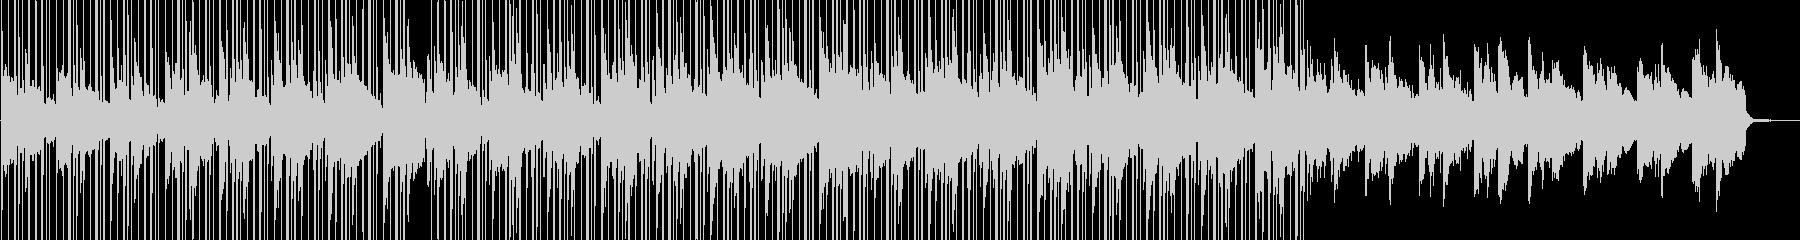 【チルアウト】和風LoFiヒップホップの未再生の波形